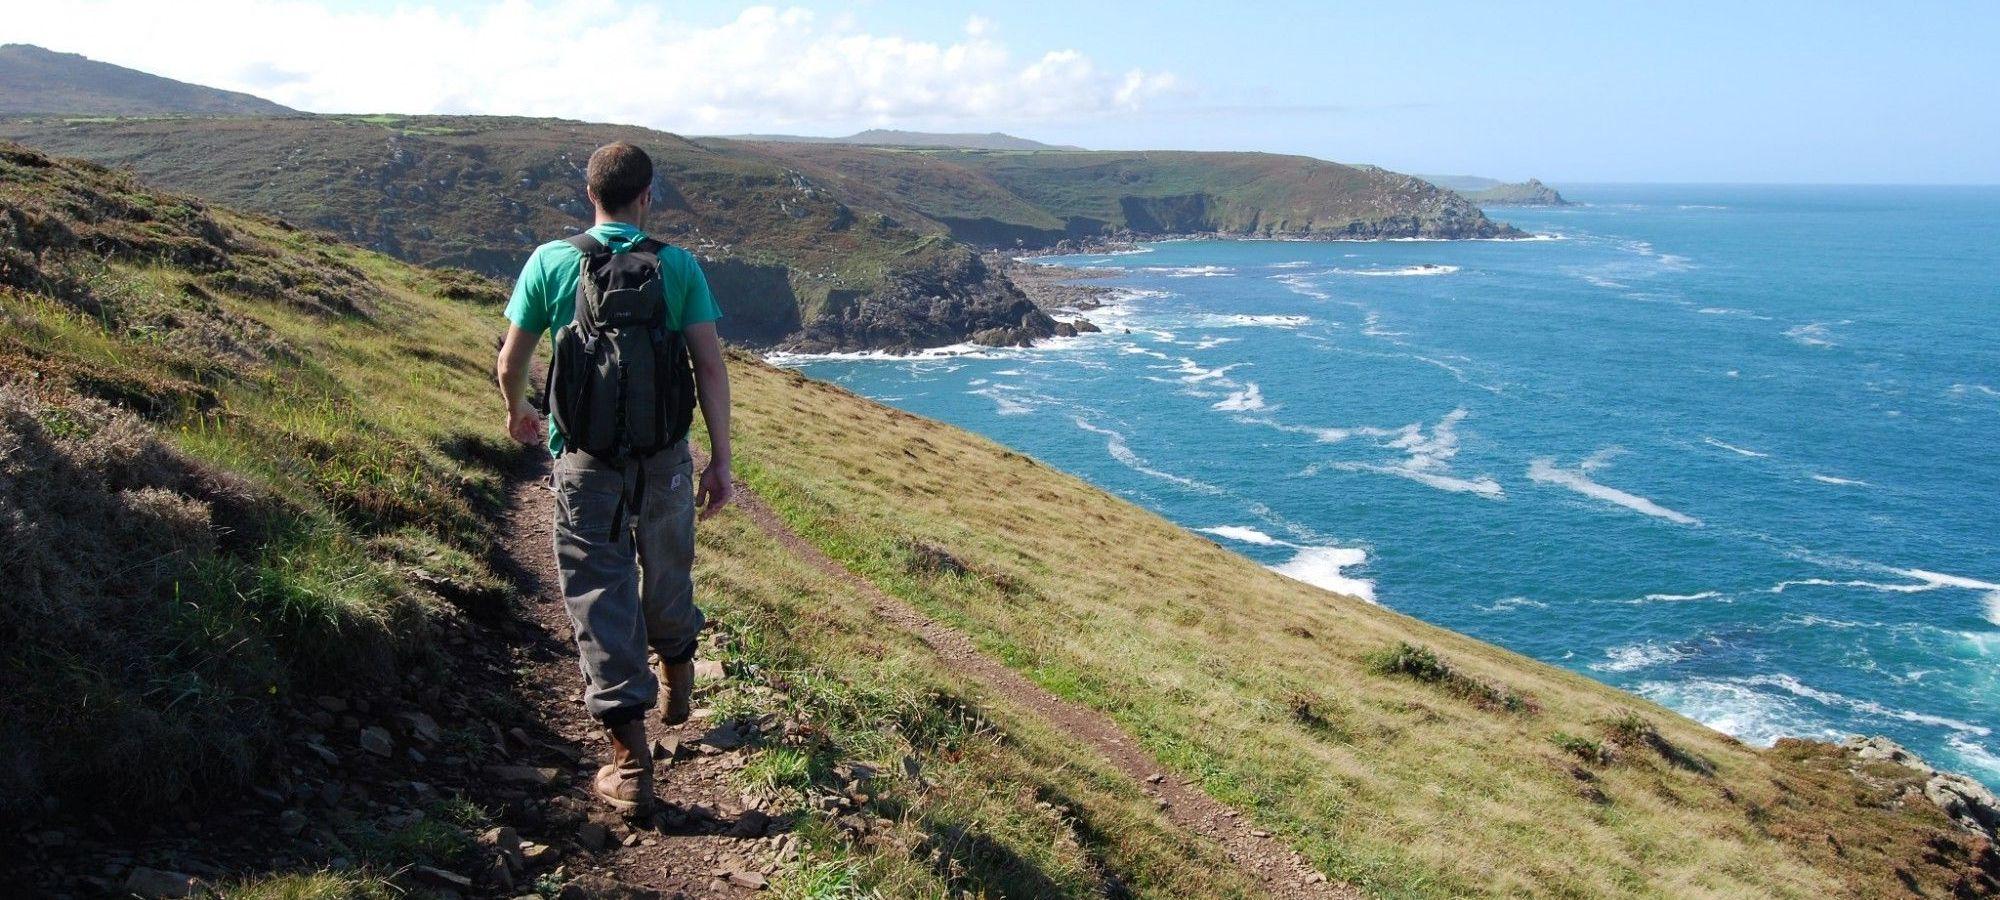 Walker in West Cornwall